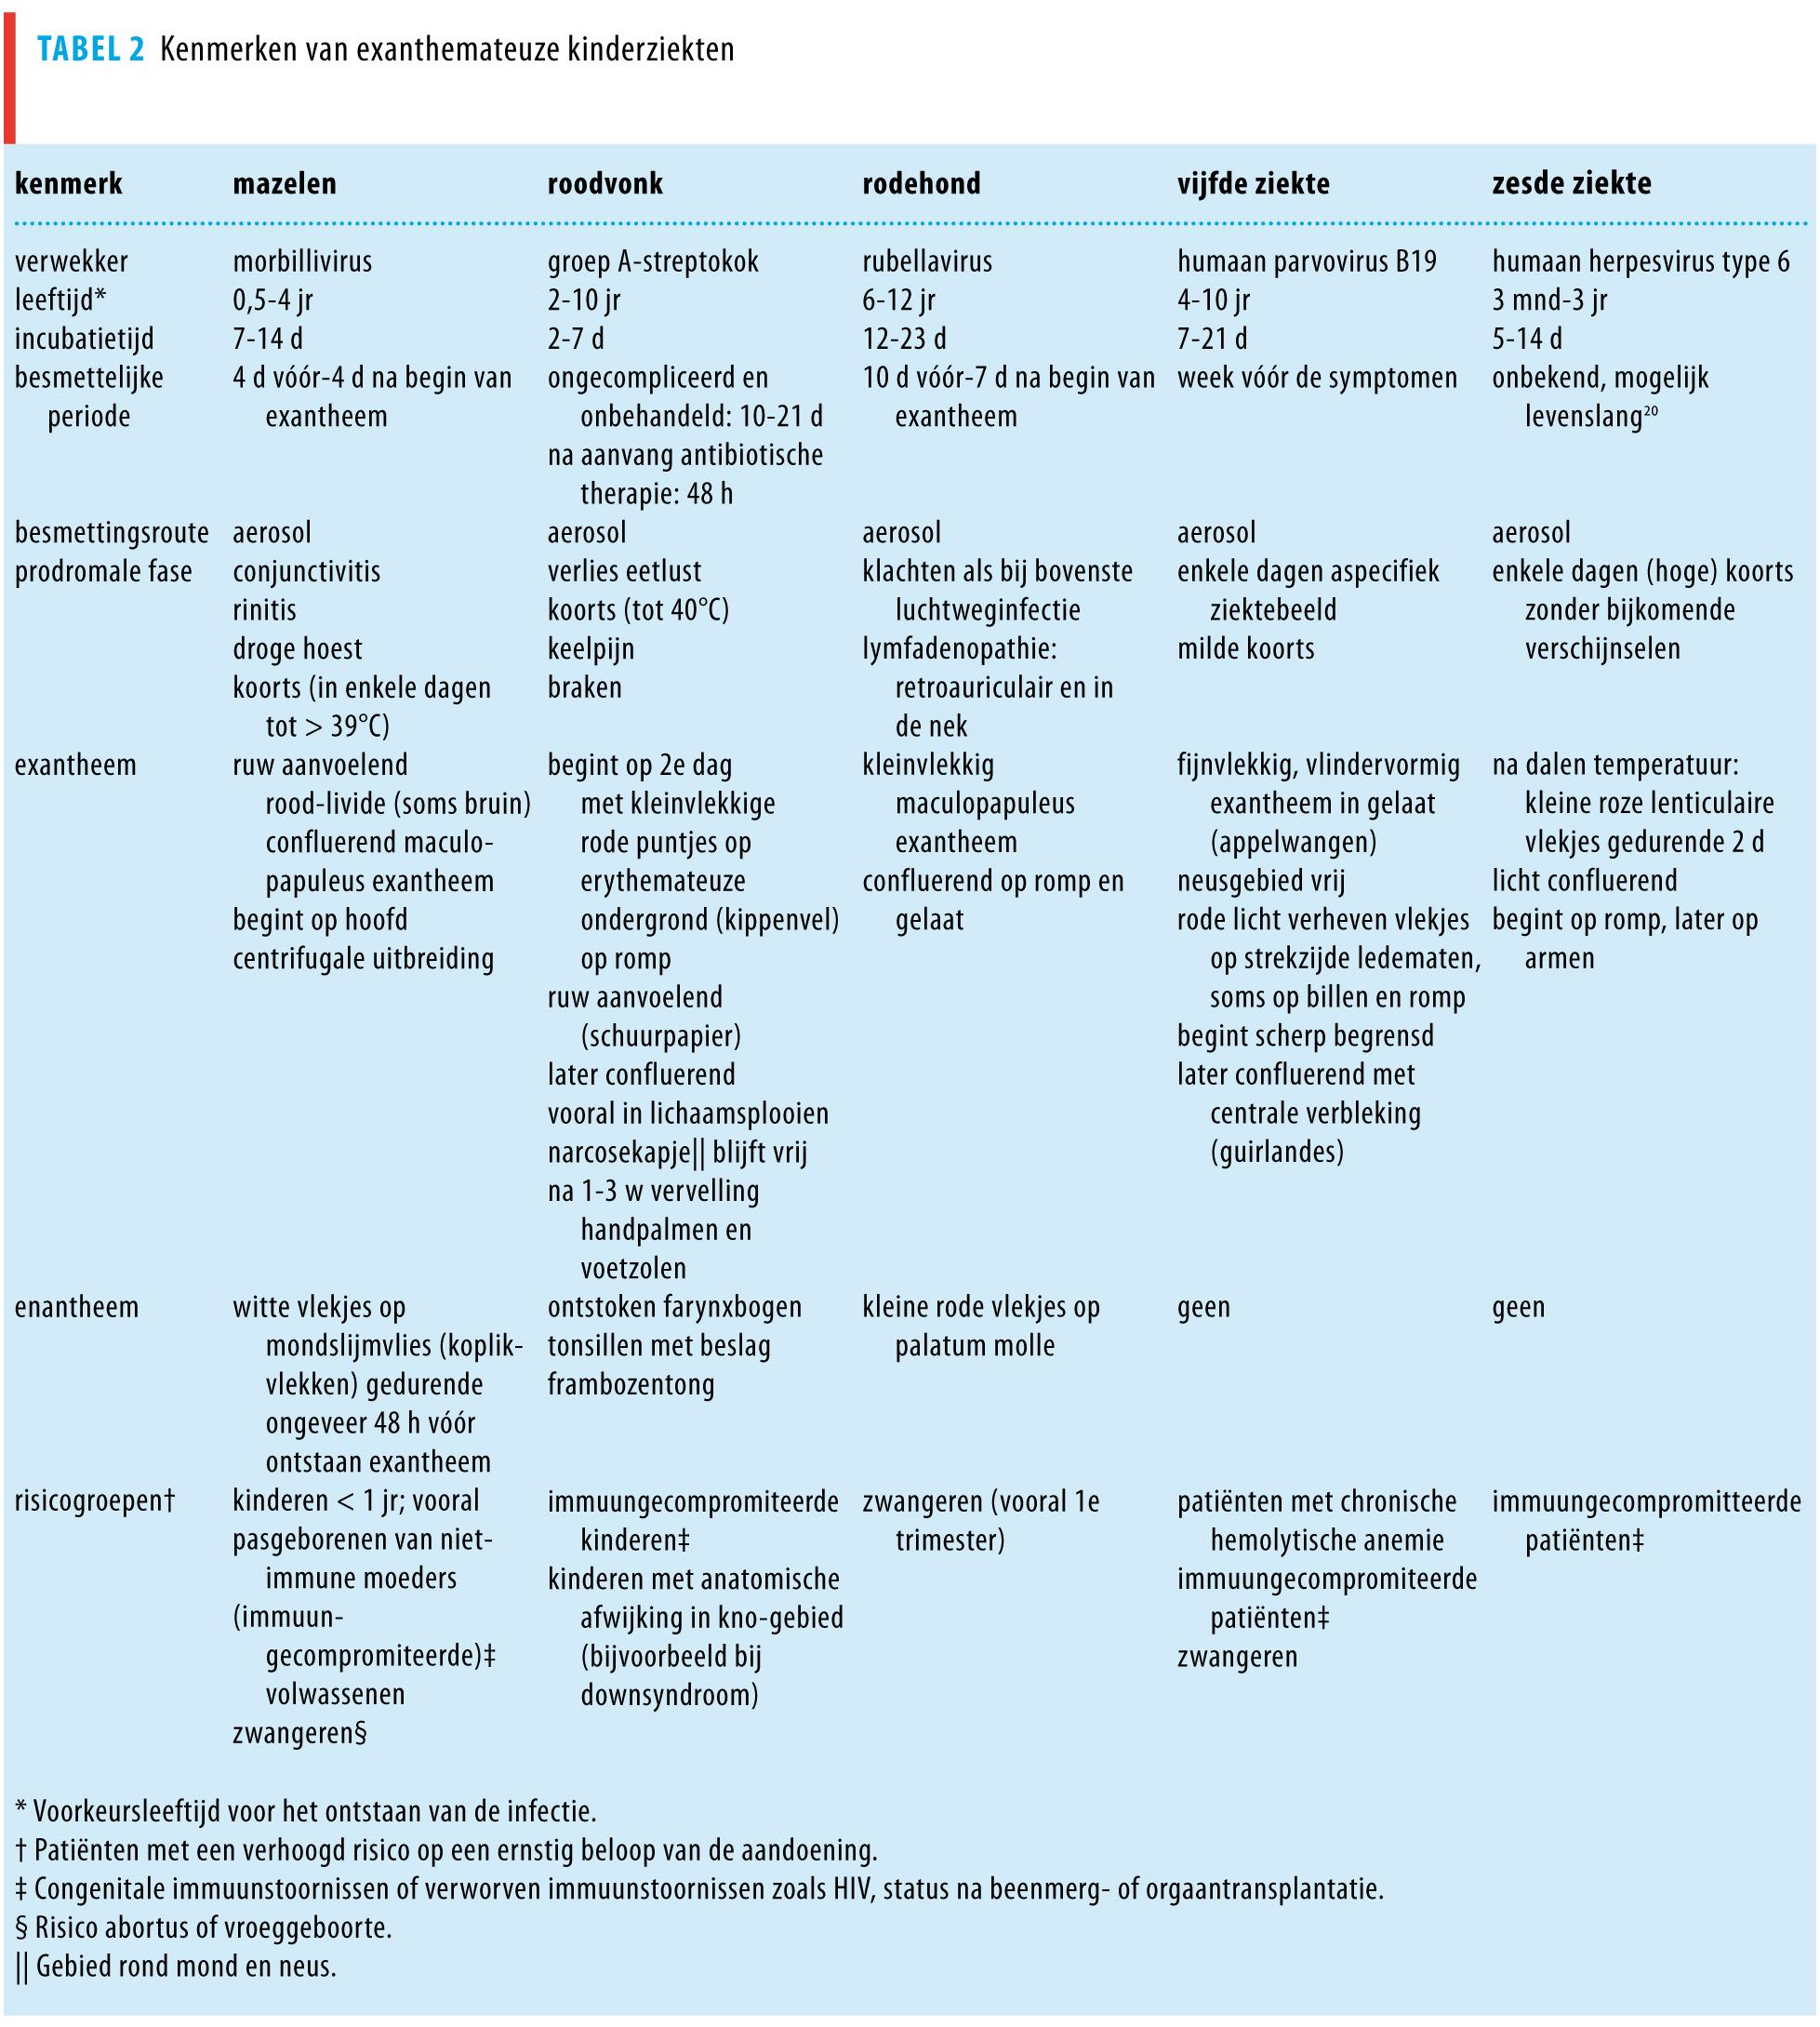 Citaten Ziekte Ziekten : Kinderziekten met vlekjes nederlands tijdschrift voor